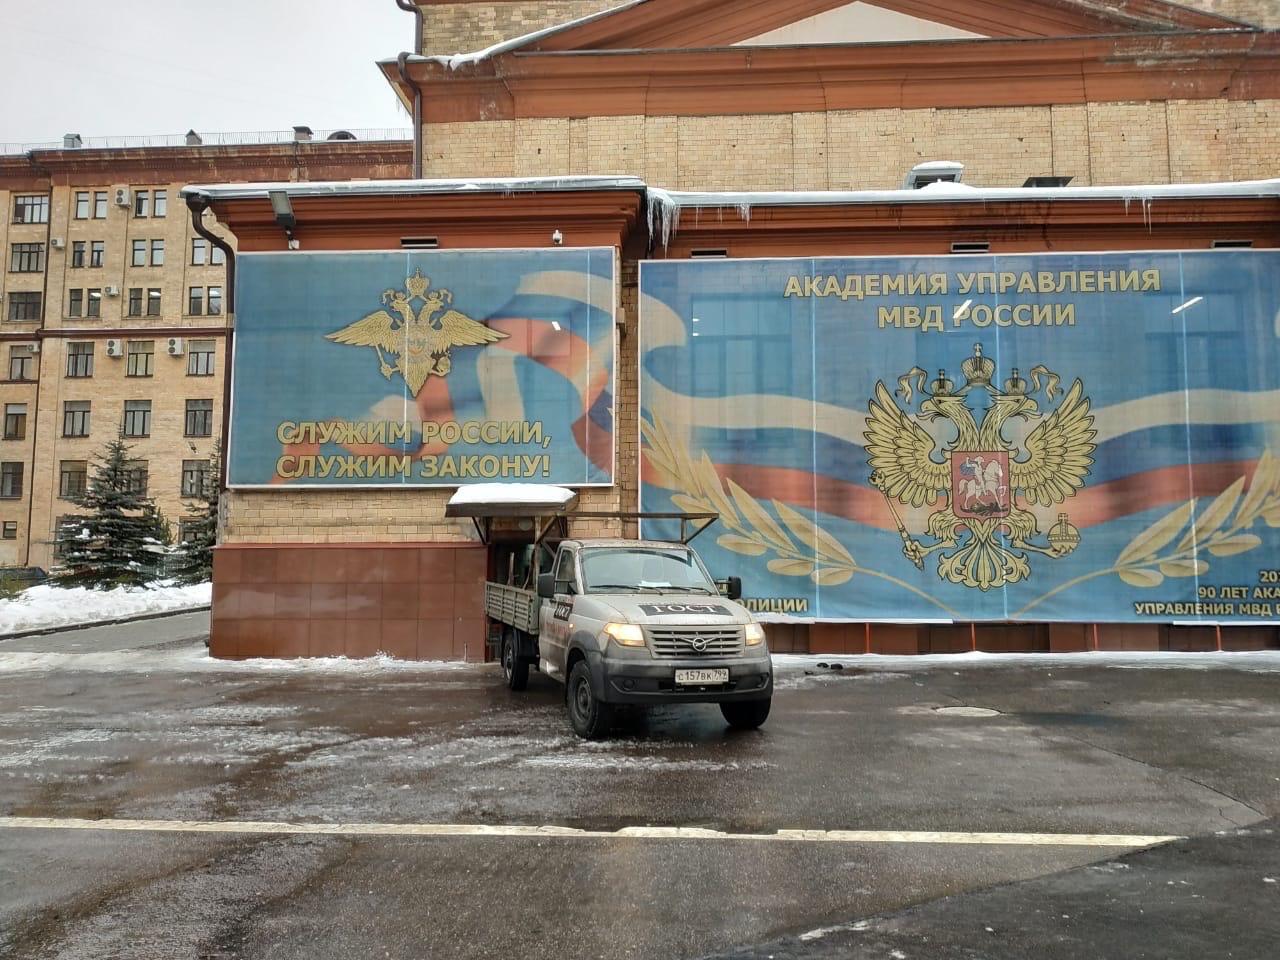 сетка для ремонта здания Академии Управления МВД России